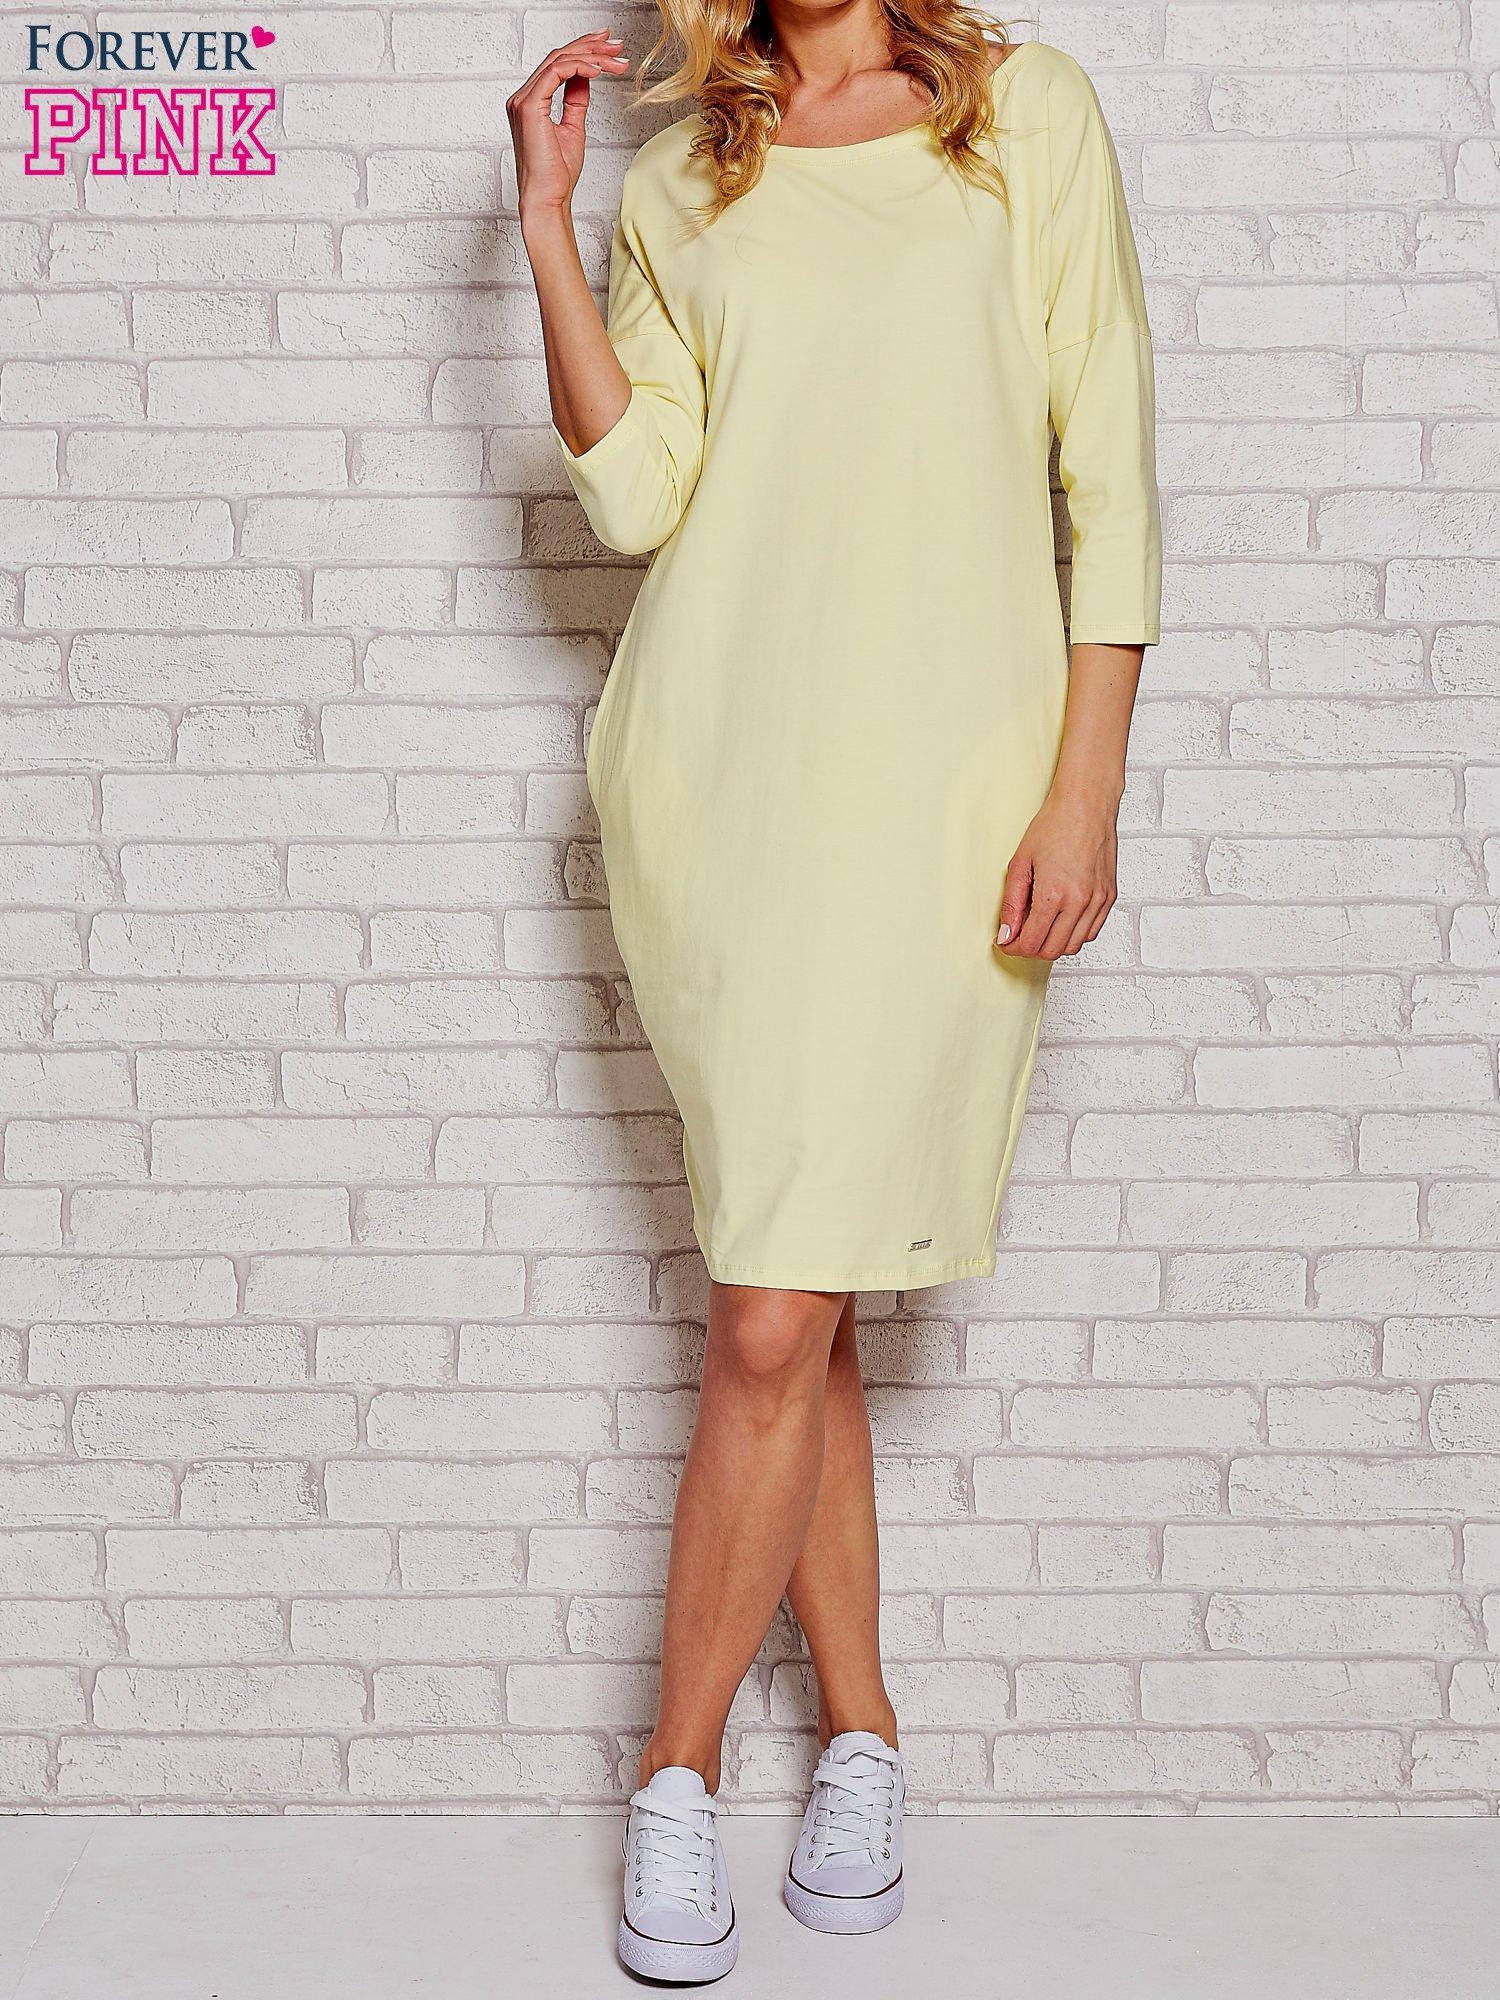 Żółta prosta sukienka dresowa                                  zdj.                                  1